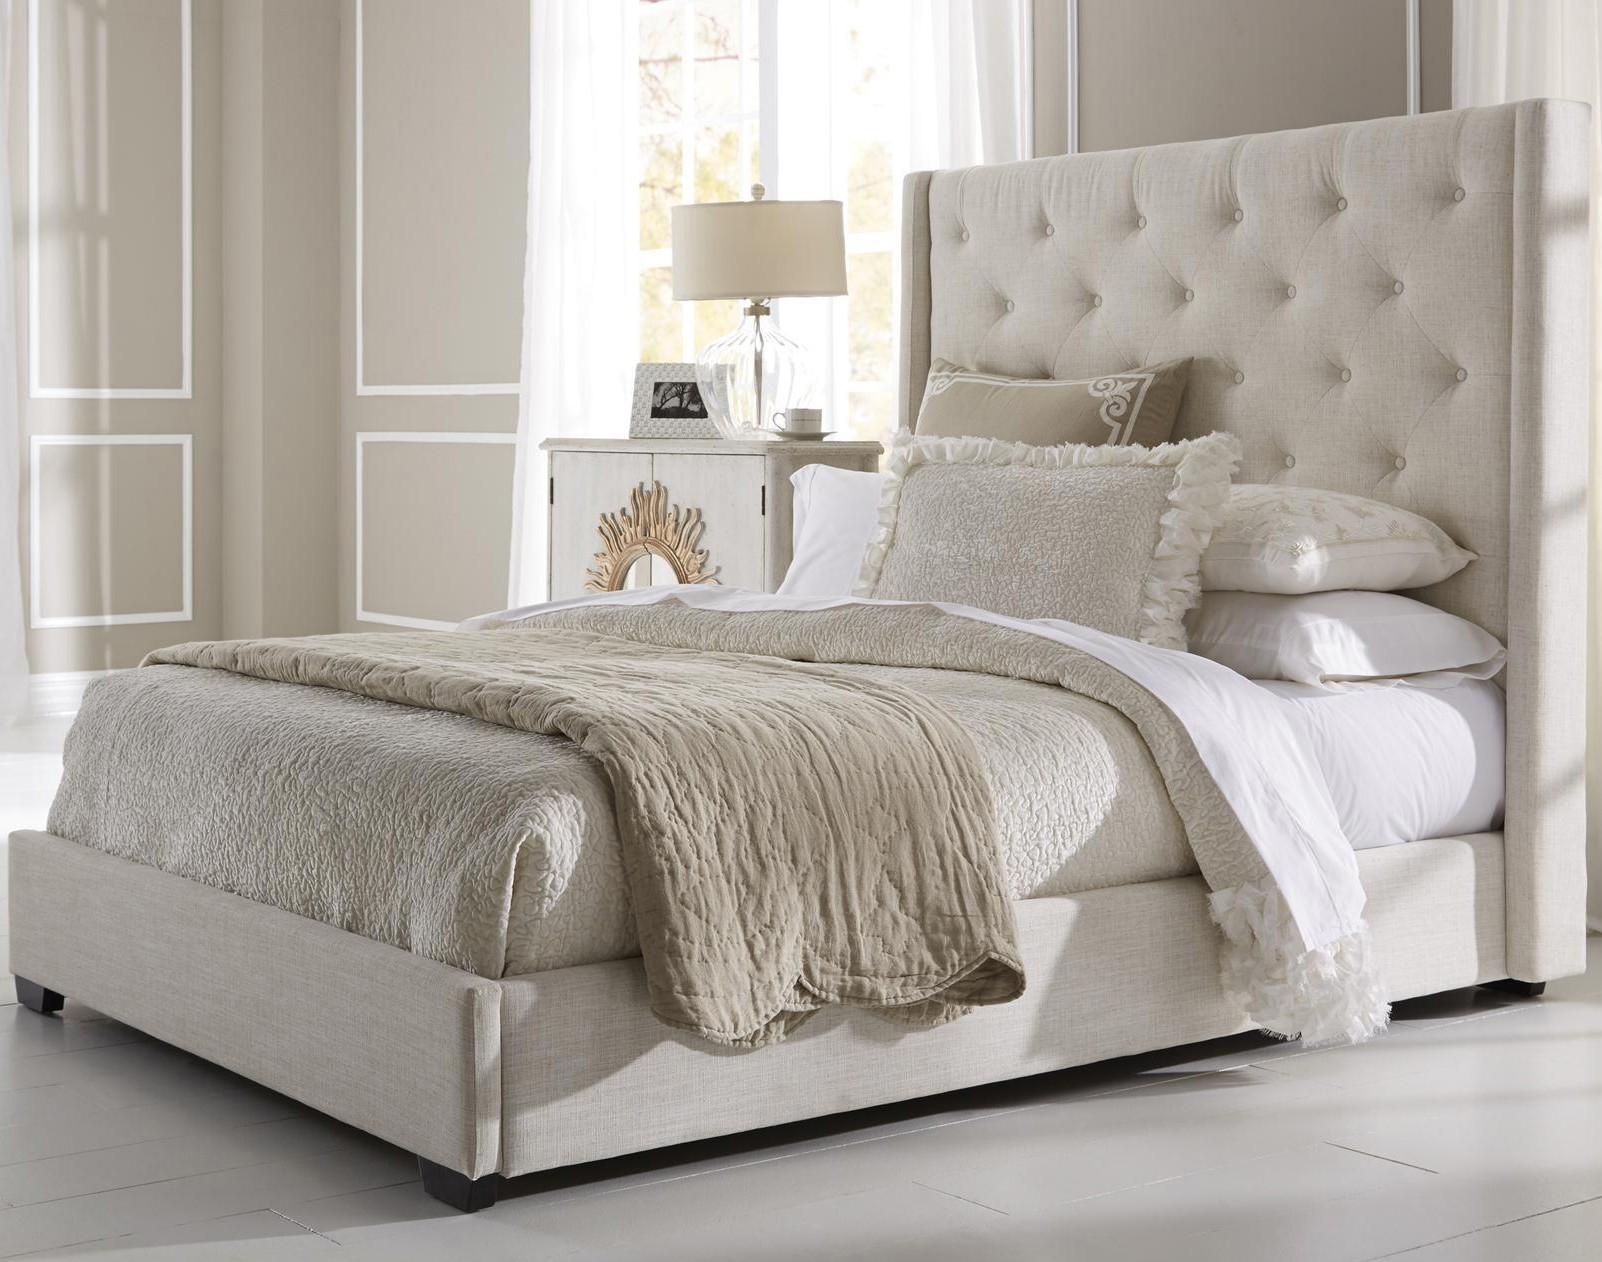 elegant upholstered king headboard king size padded headboard with luxury tufted  king headboard and stunning duvet